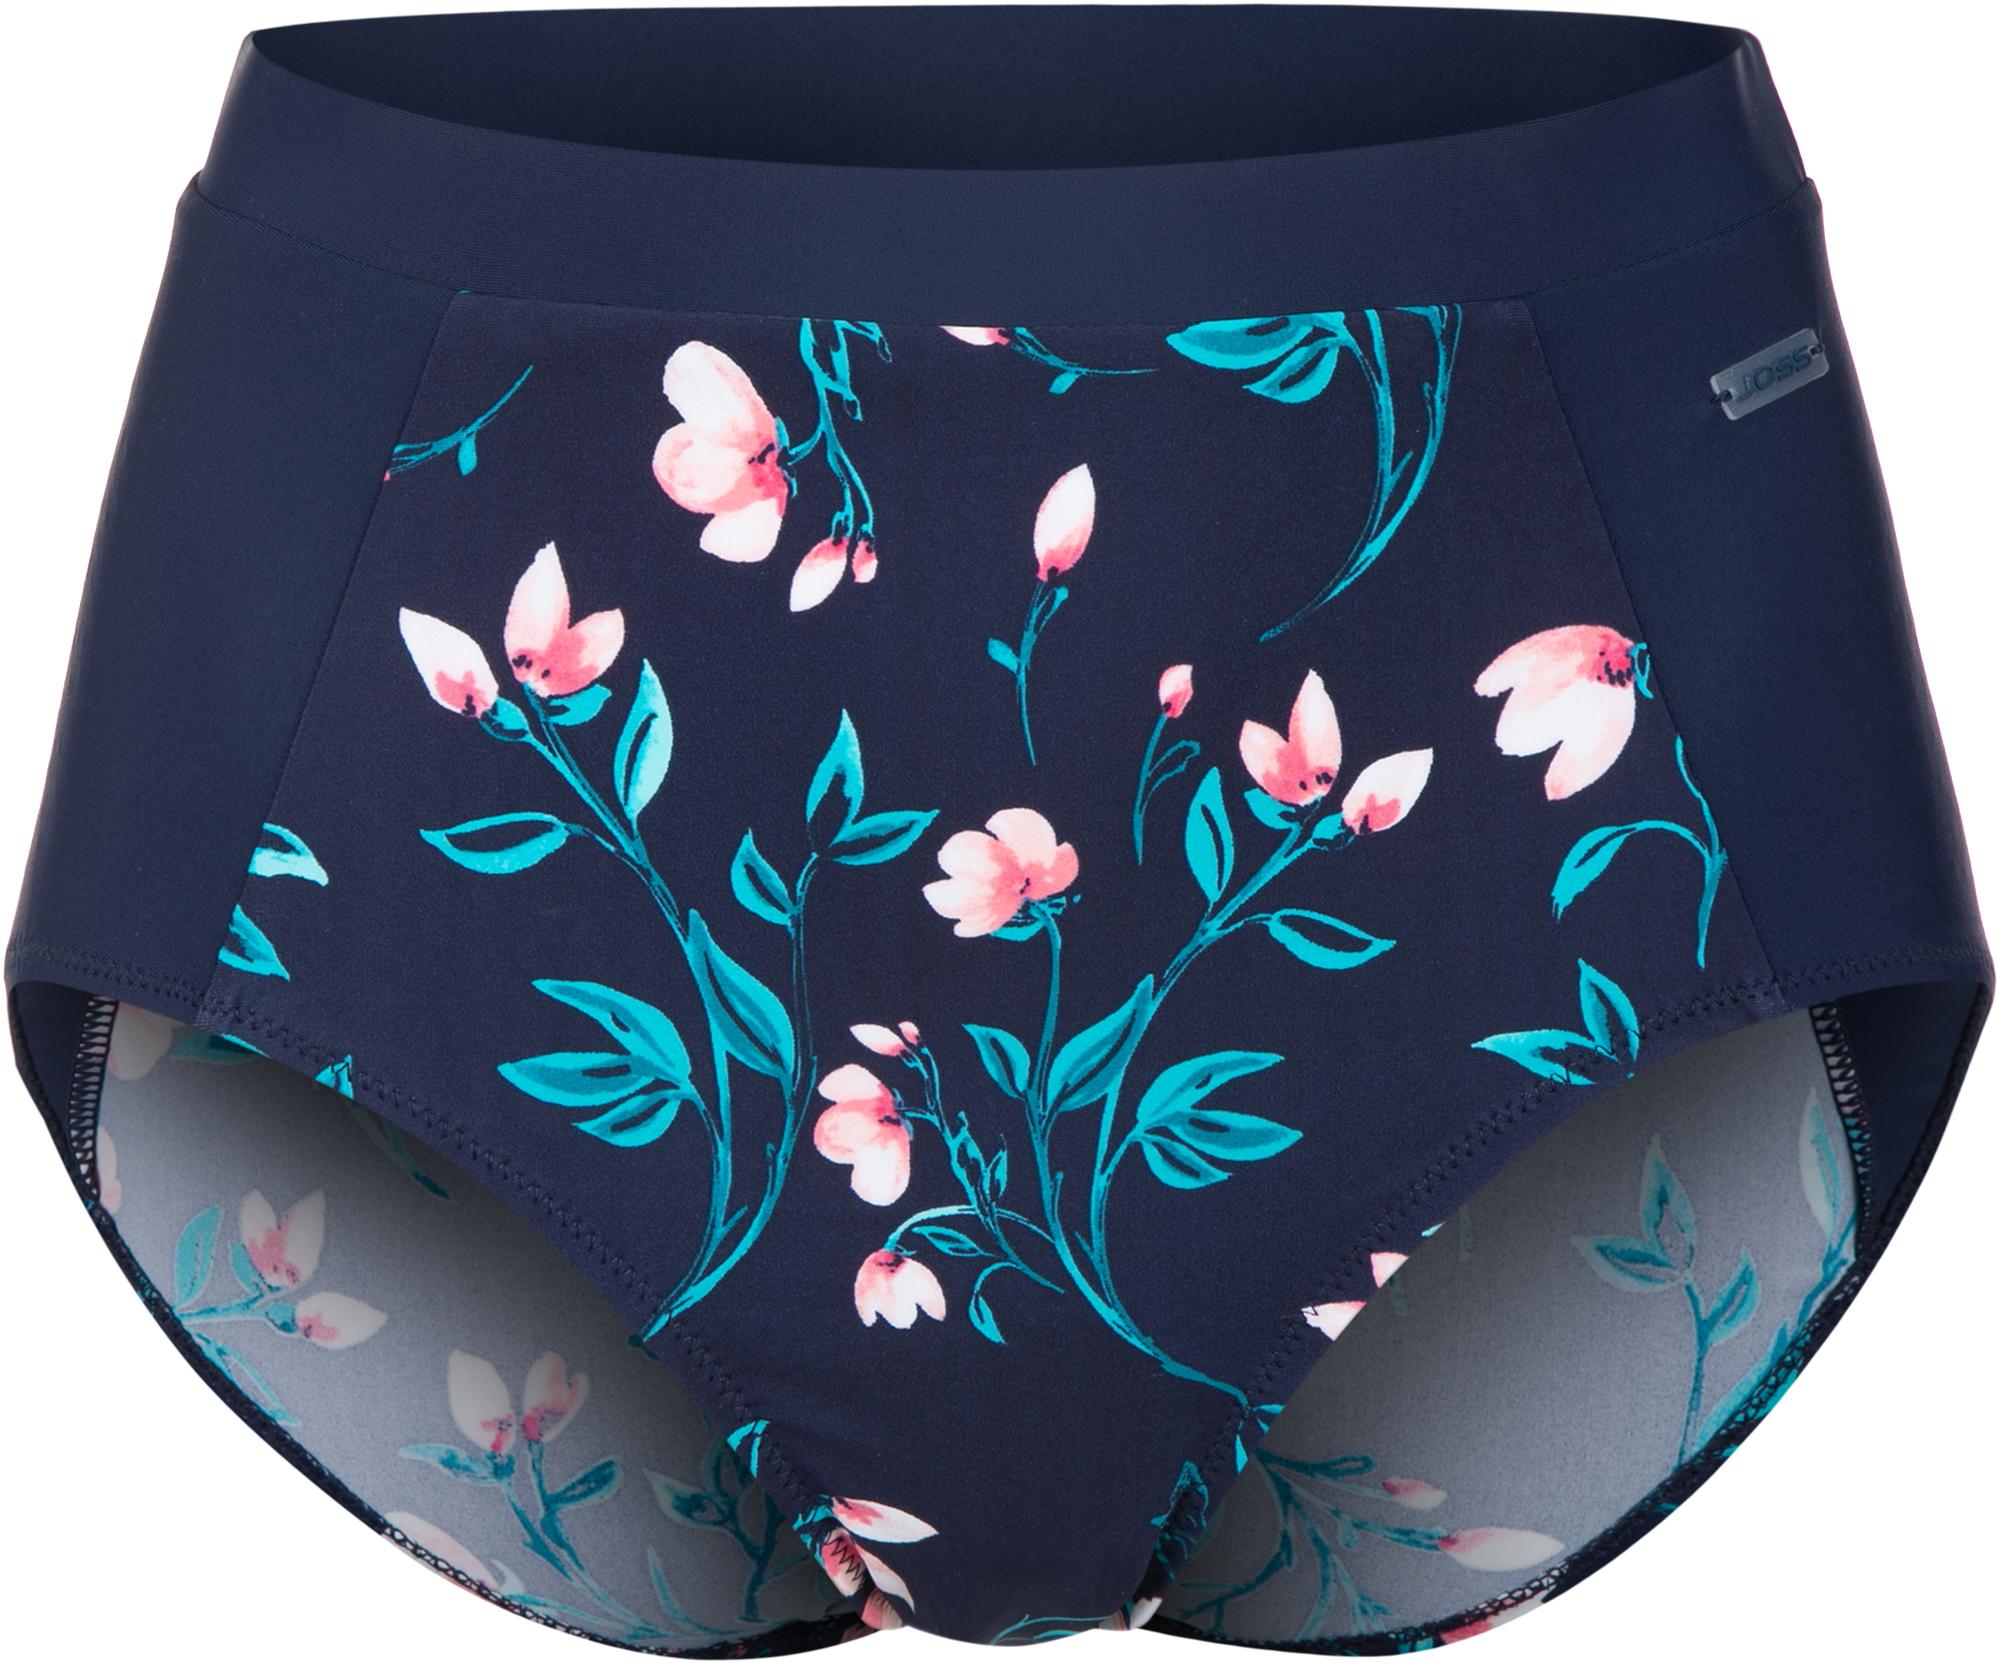 Joss Плавки женские Joss, размер 54 плавки для мальчика joss boys swim trunks цвет синий blx05s6 mm размер 164